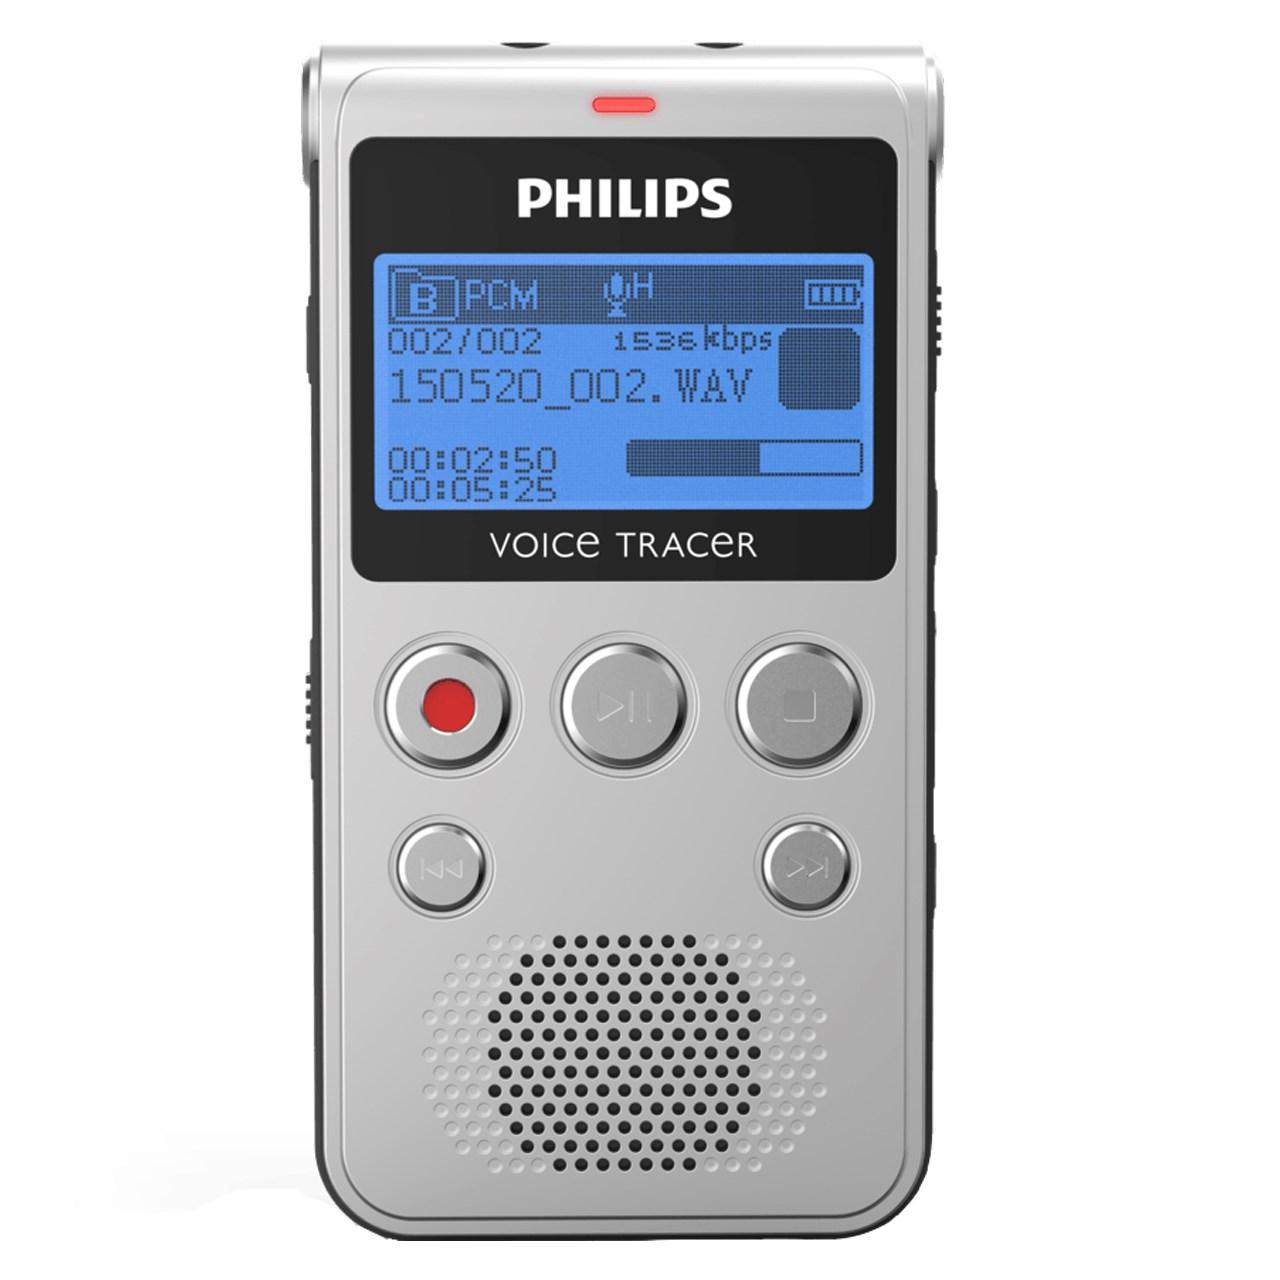 ضبط کننده صدا فیلیپس مدل DVT1300